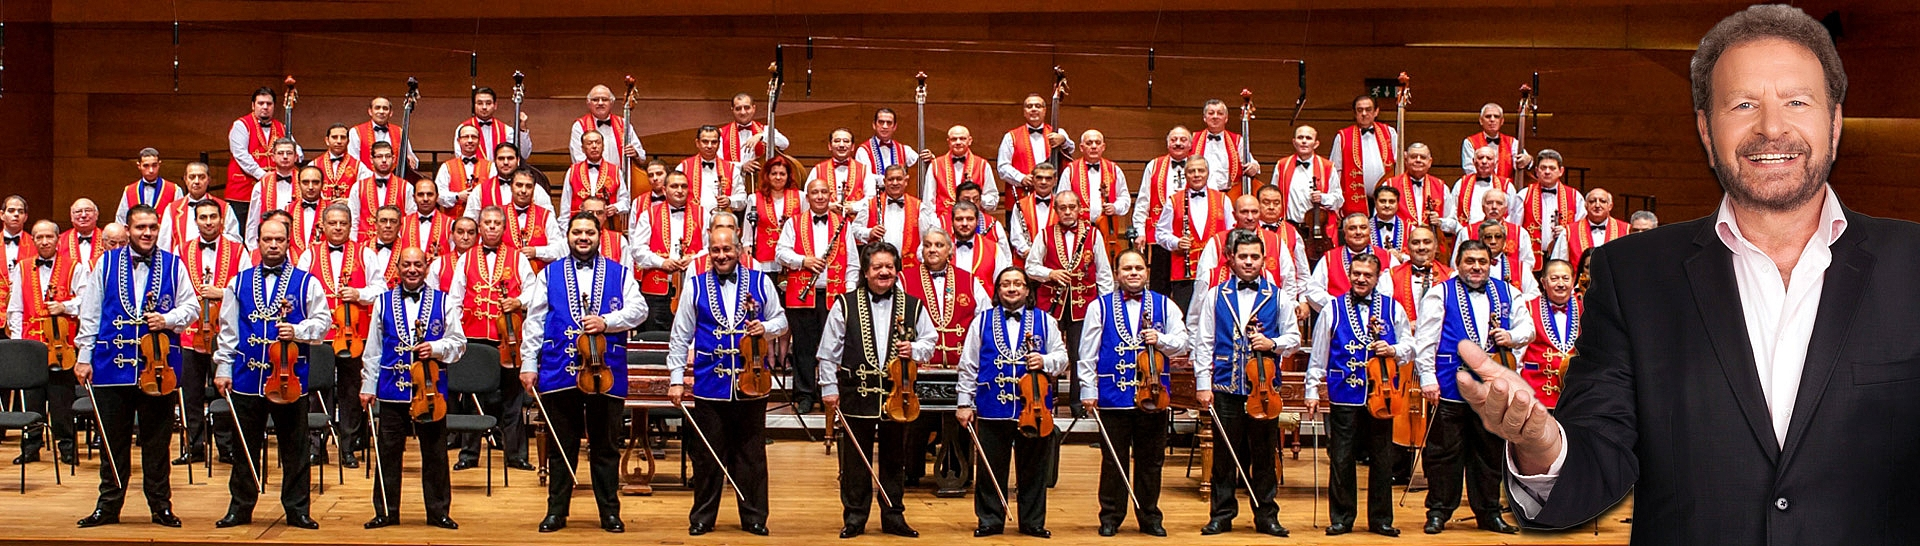 התזמורת הסימפונית הצוענית של בודפשט עם דודו פישרר